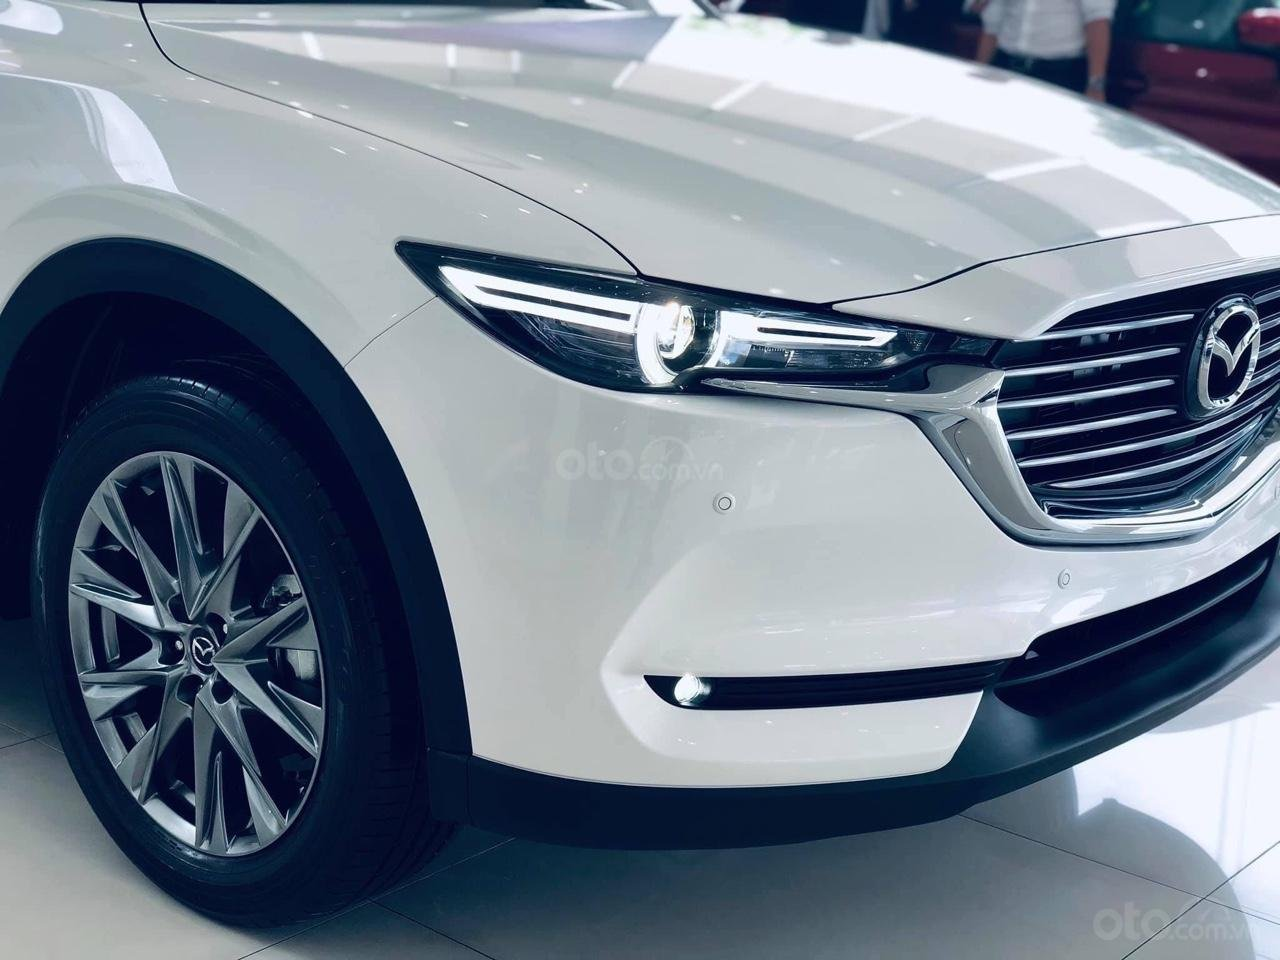 [Mazda Bình Triệu] Mazda CX-8 chỉ còn từ 999 triệu, giảm giá ngay 150 triệu (3)